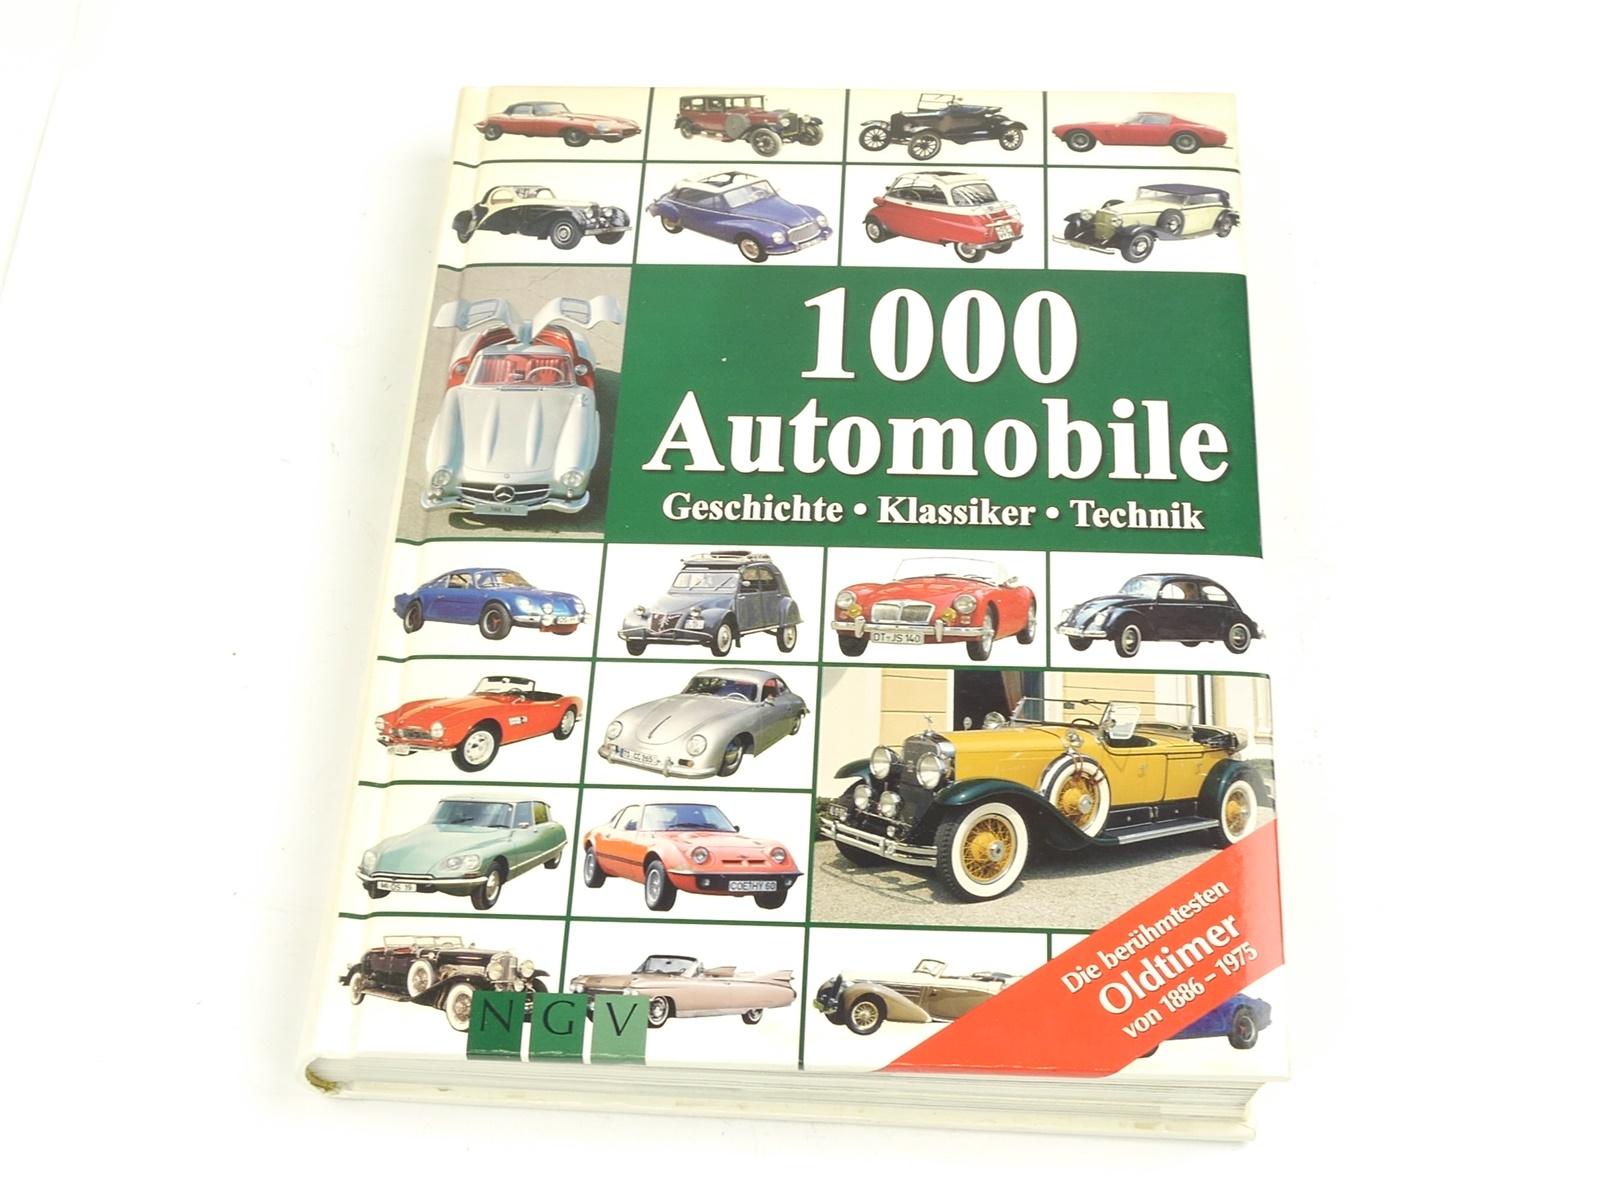 E135 NGV Reinhard Lintelmann - Buch 1000 Automobile Geschichte Klassiker Technik